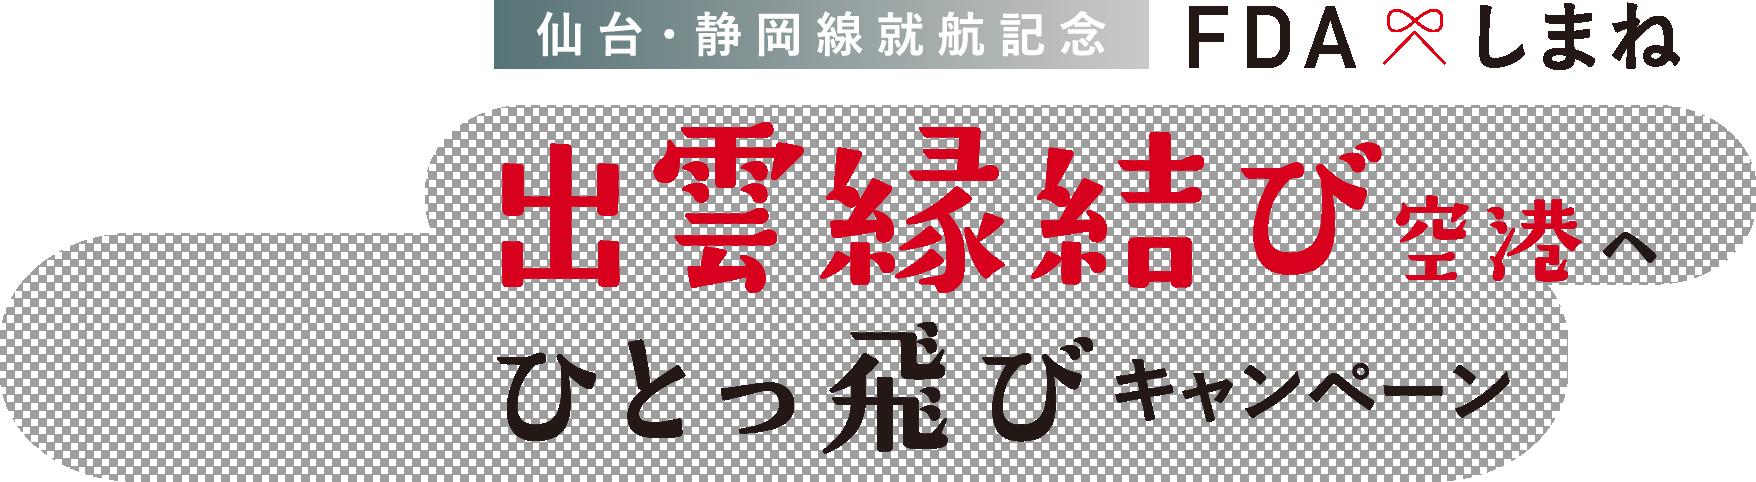 仙台・静岡線就航記念・FDAしまね〜出雲縁結び空港へひとっ飛びキャンペーン